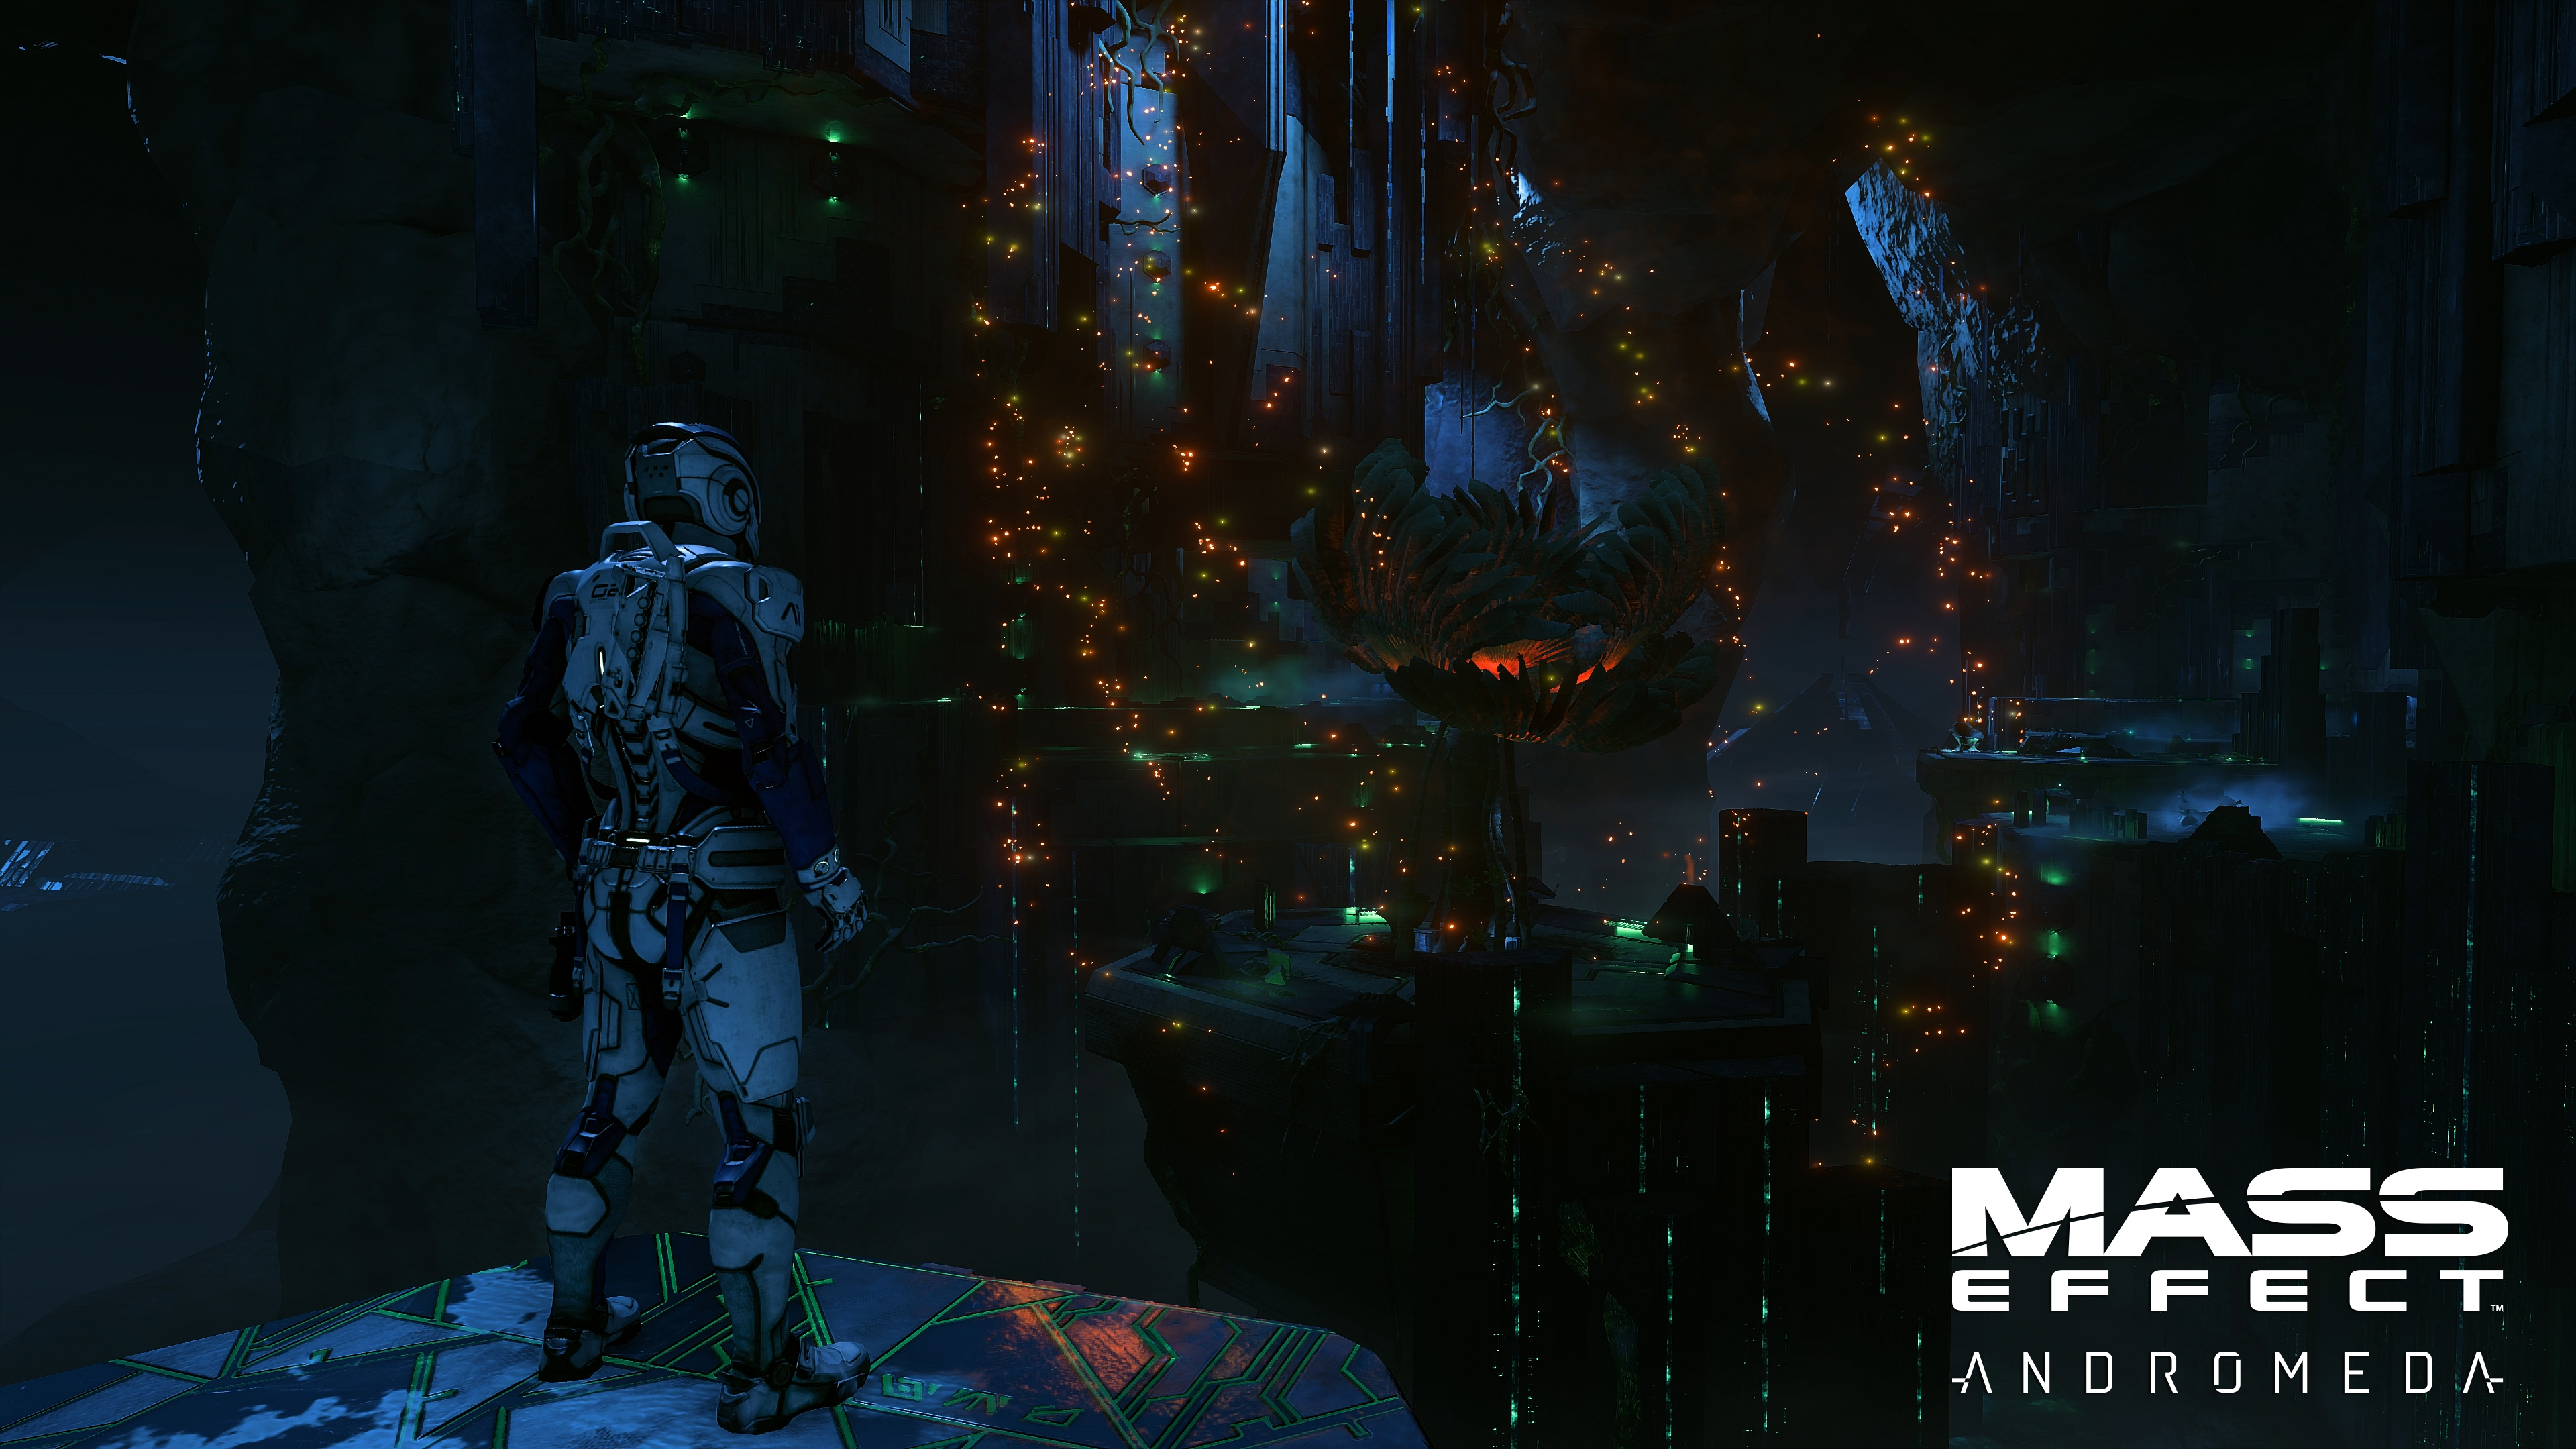 Mužská a ženská verze hlavní postavy Mass Effectu: Andromeda jsou sourozenci 130453